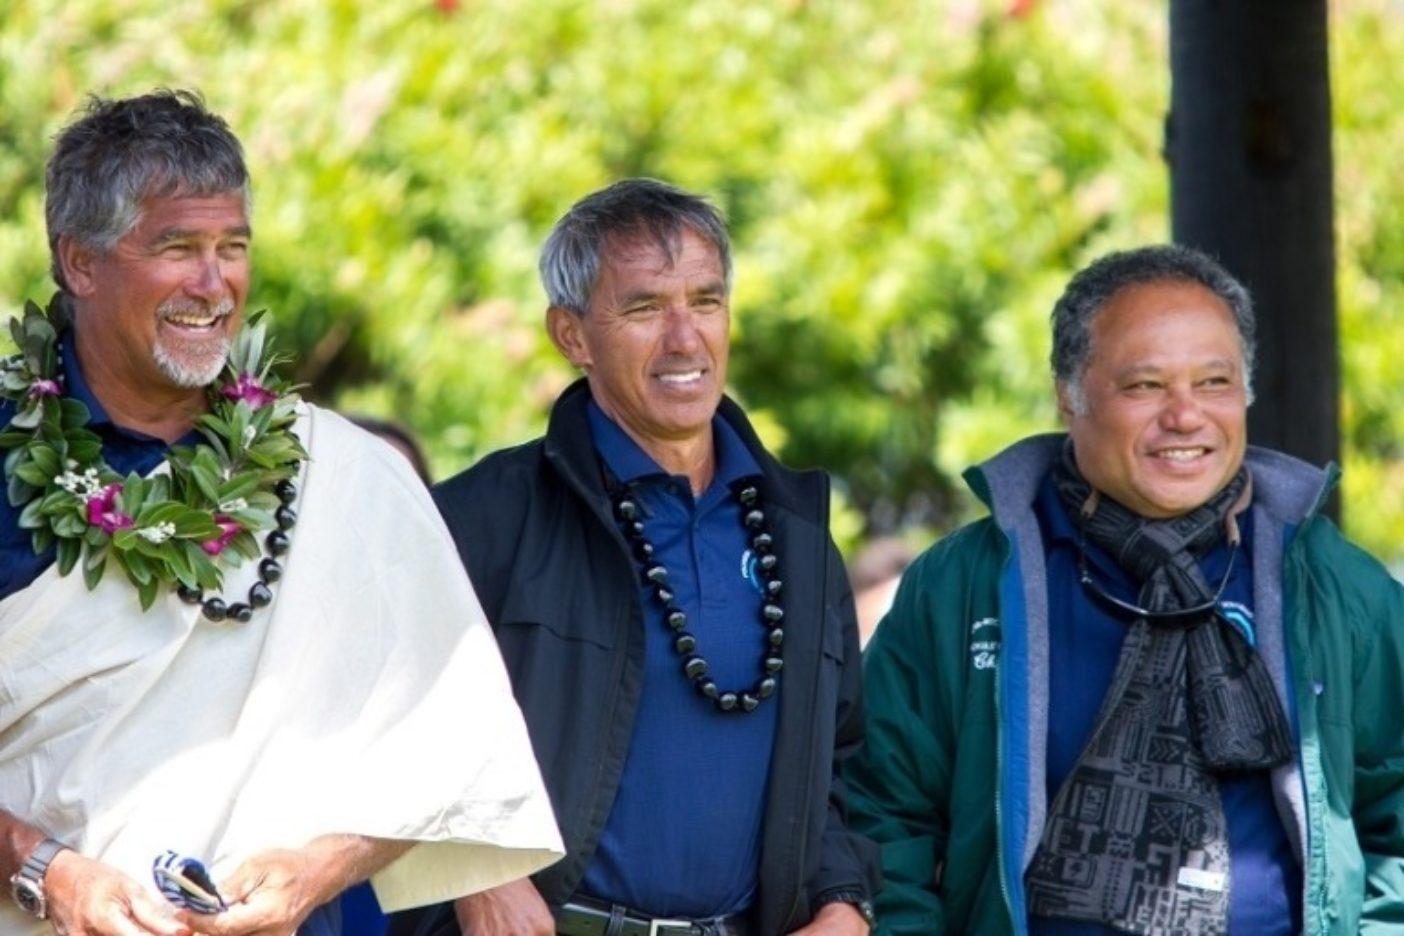 アオテアロア(ニュージーランド)のワイタンギでの到着式典に参加する、ポゥ航法師でありホクレア号の船長であるブルース・ブランケンフェルド、ナイノア・トンプソン、カレパ・バイバイヤン。Photo: John Bilderback